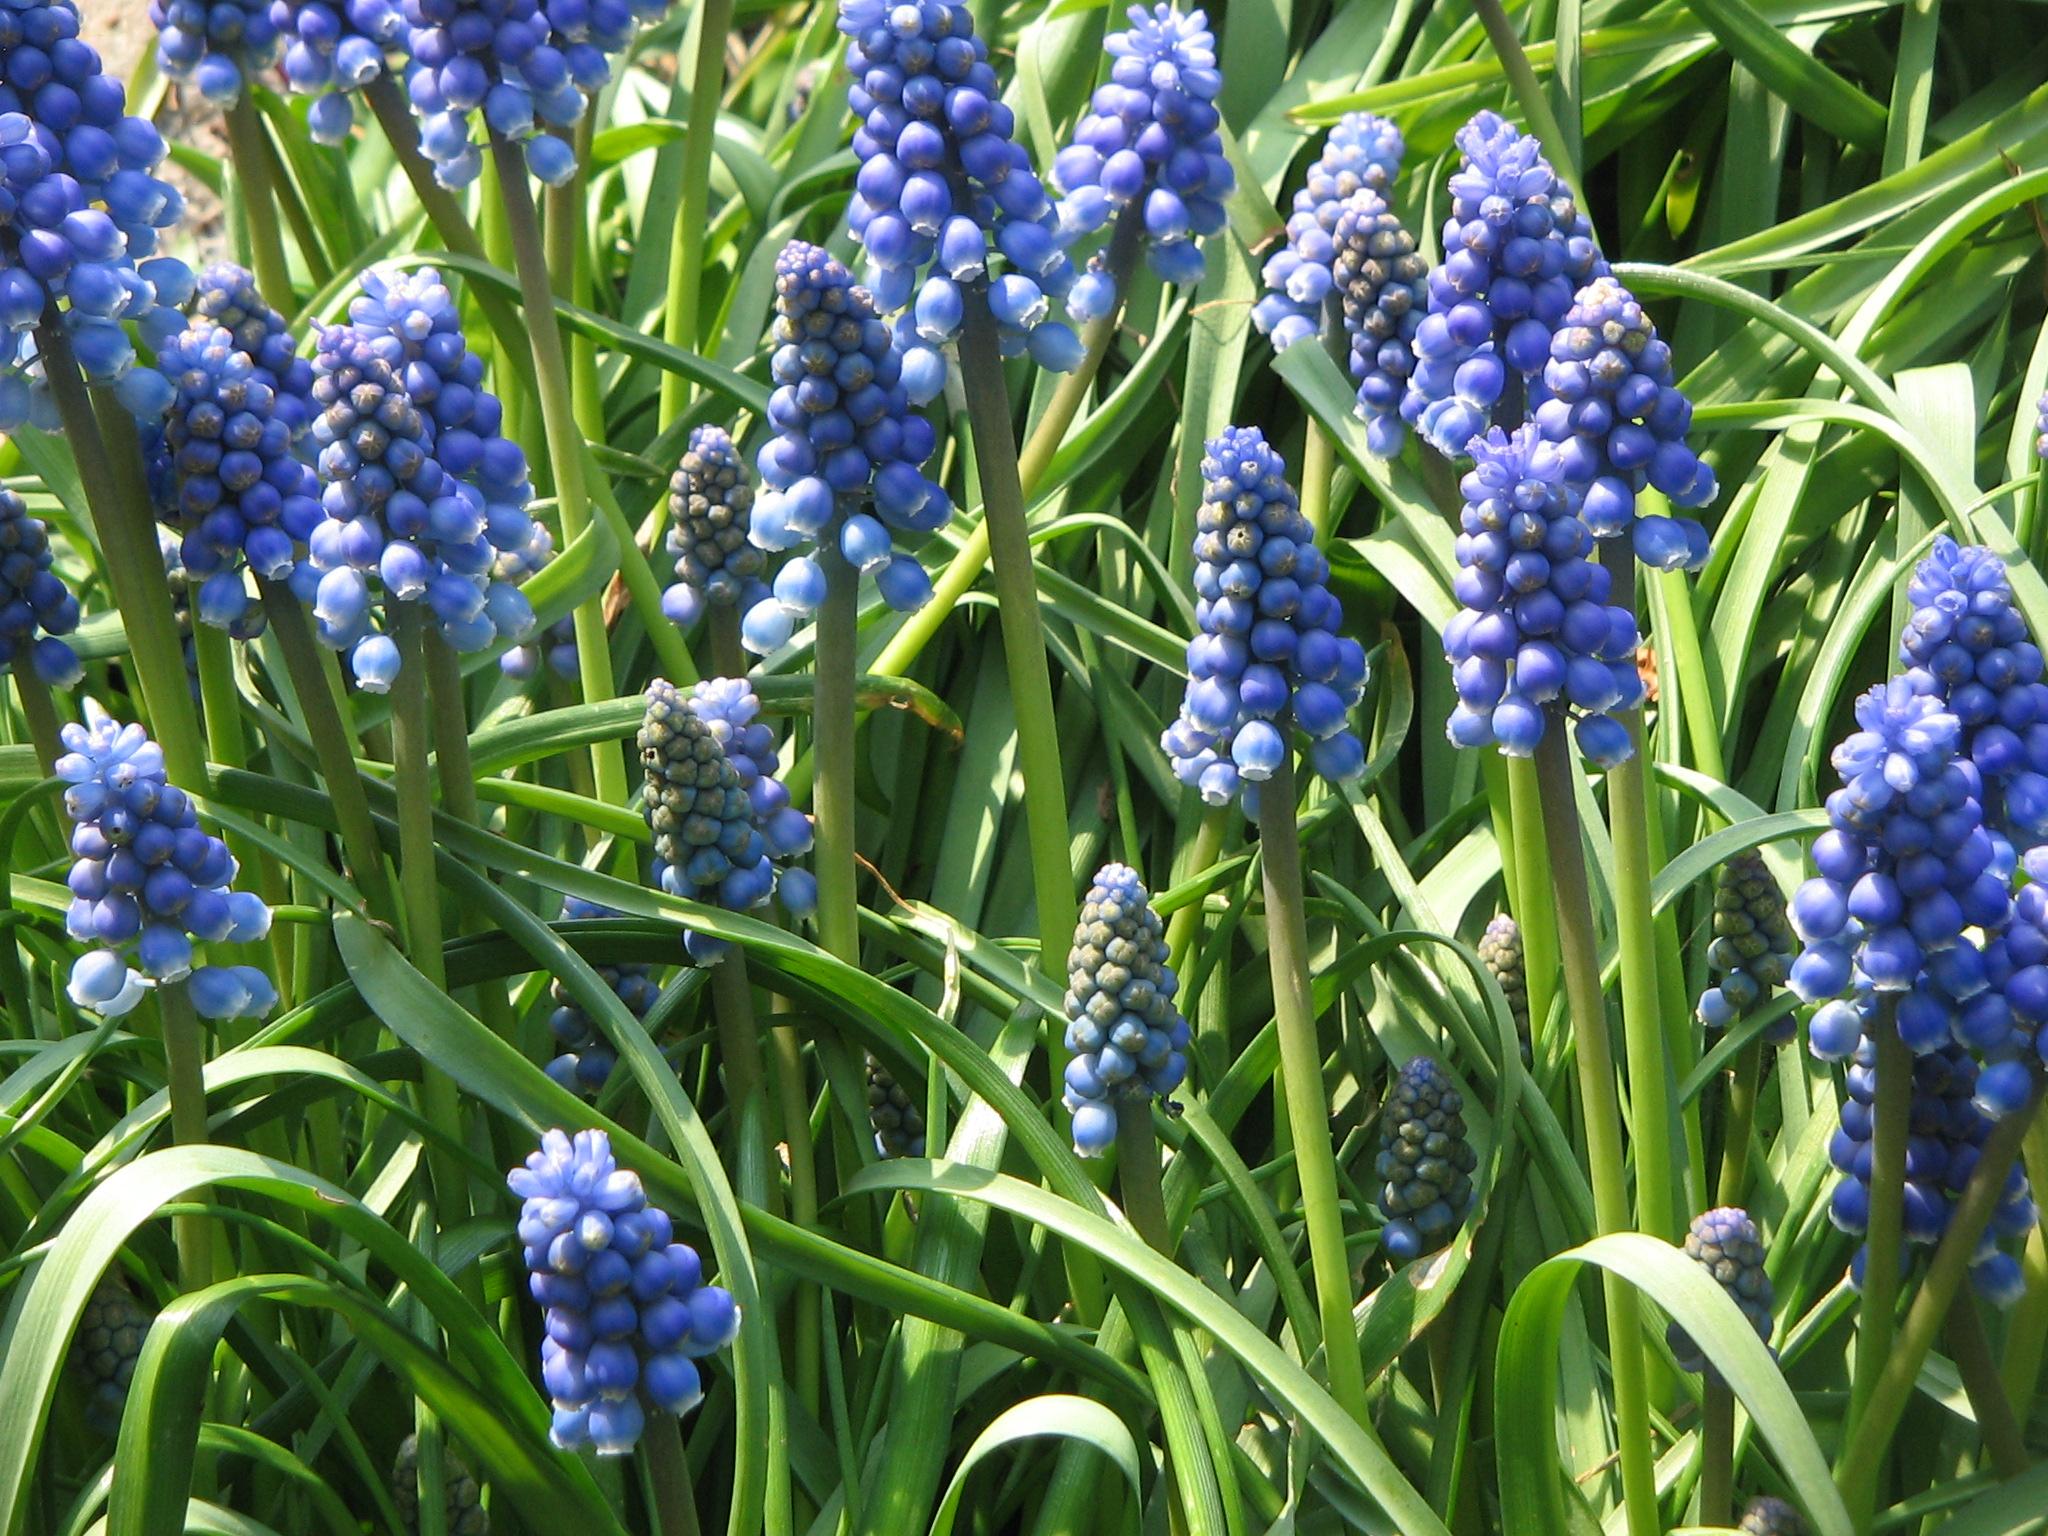 по форме напоминающими початок длинной 4-8 см с плотнособранными многочисленными цветками